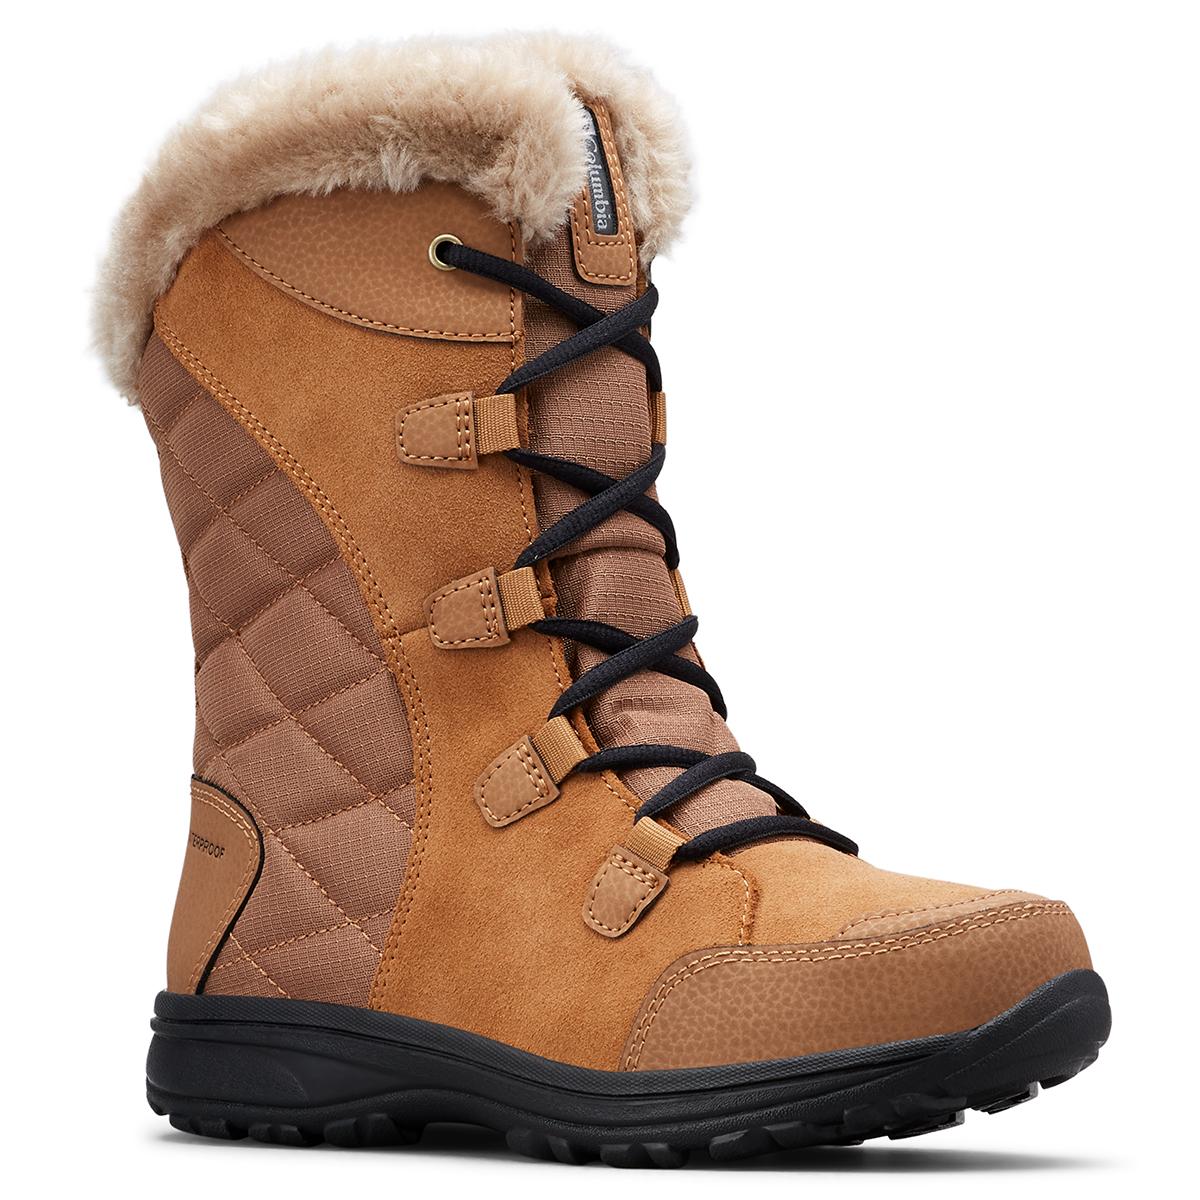 Columbia Women's Ice Maiden Ii Boots - Brown, 6